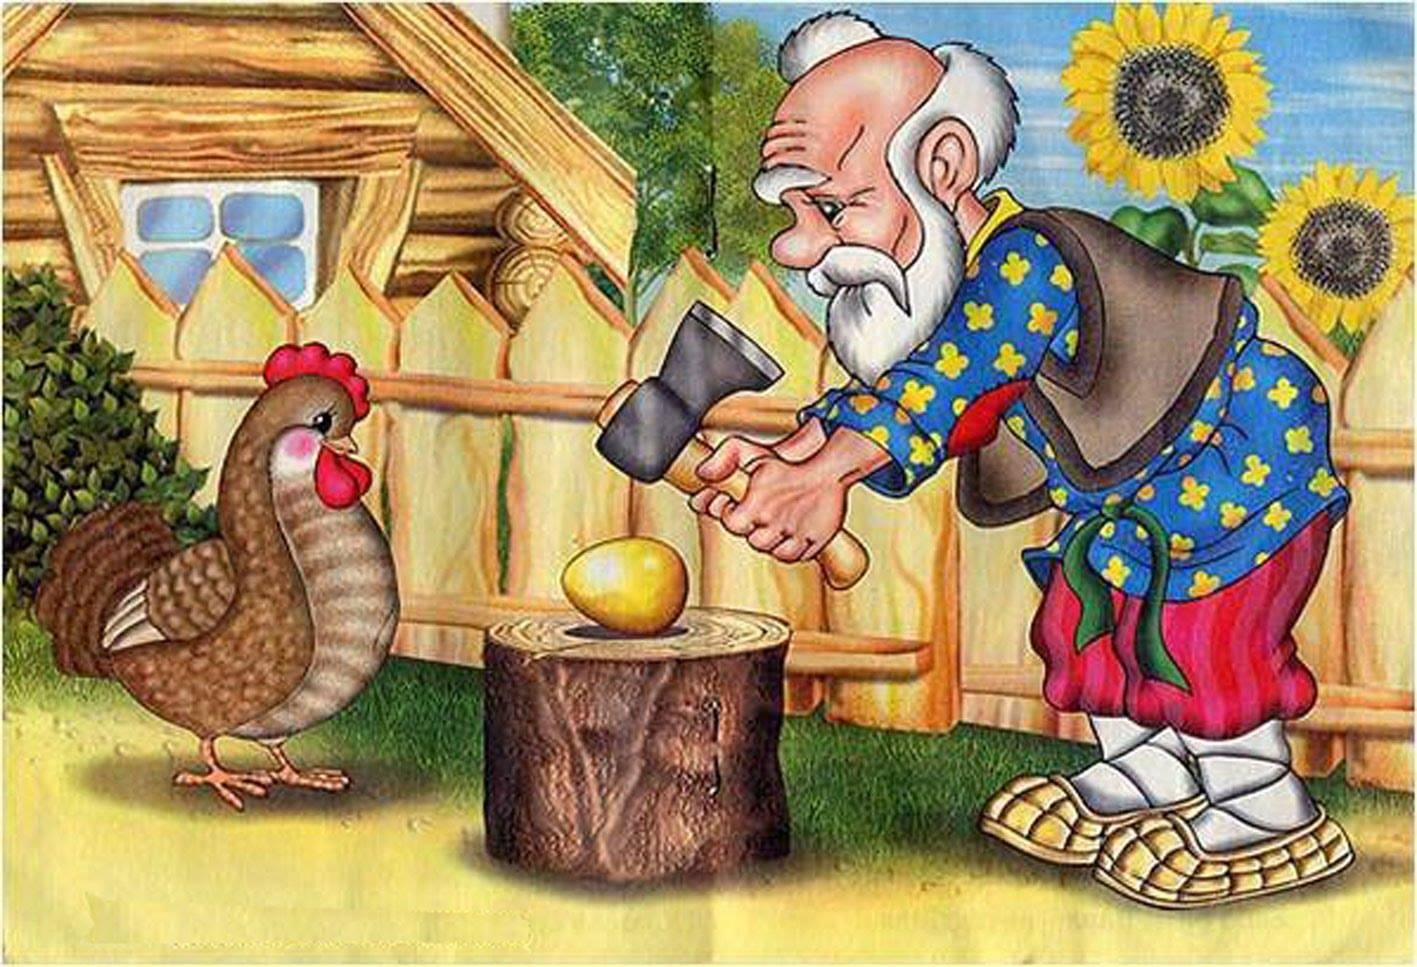 Всемирный день яйца. старик пытается разбить яйцо топором